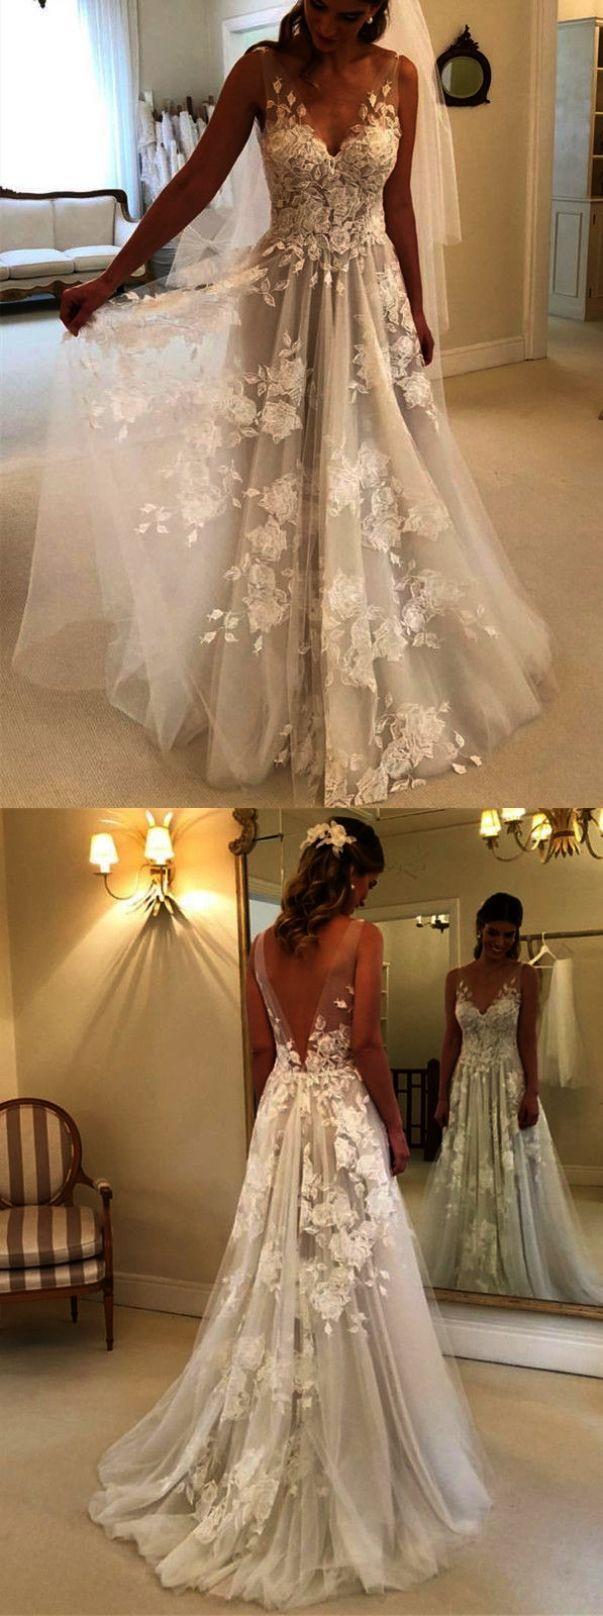 Lace strapless wedding dress long train beautiful lace mermaid